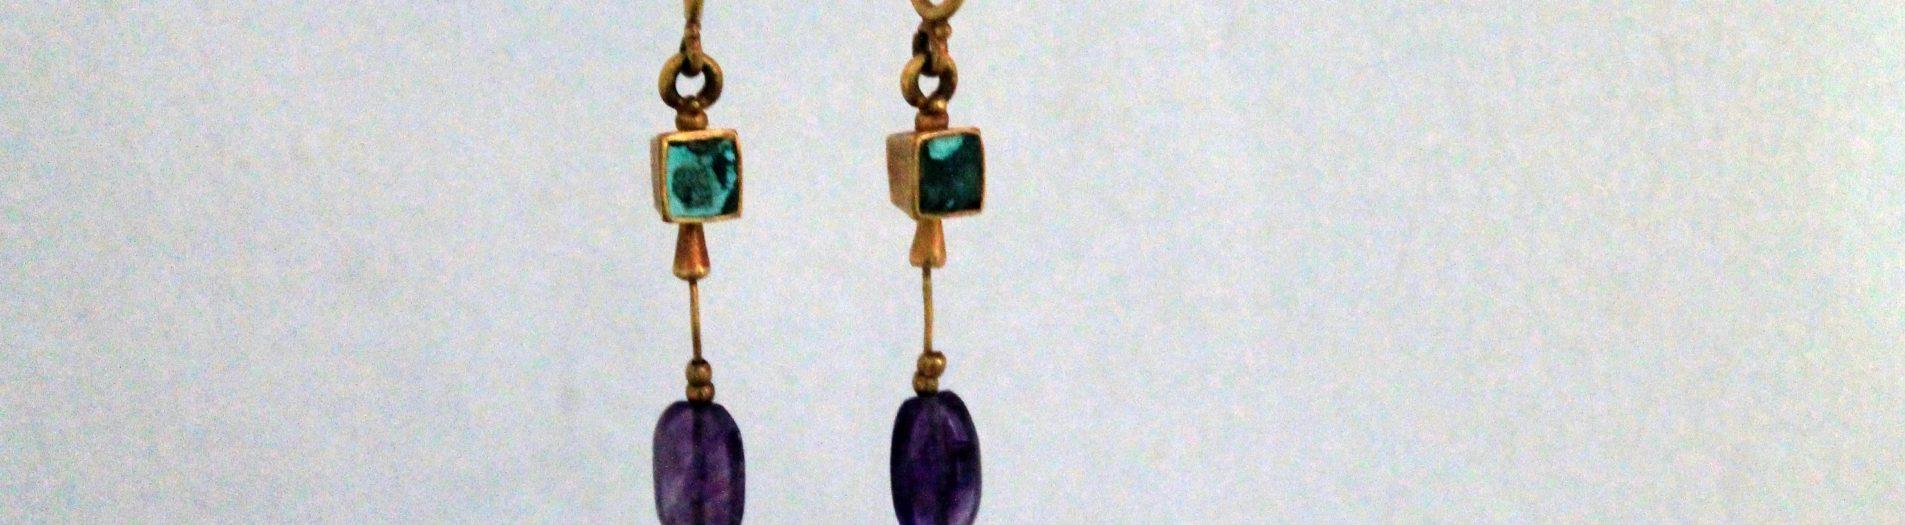 Les bijoux de Thuburbo Majus